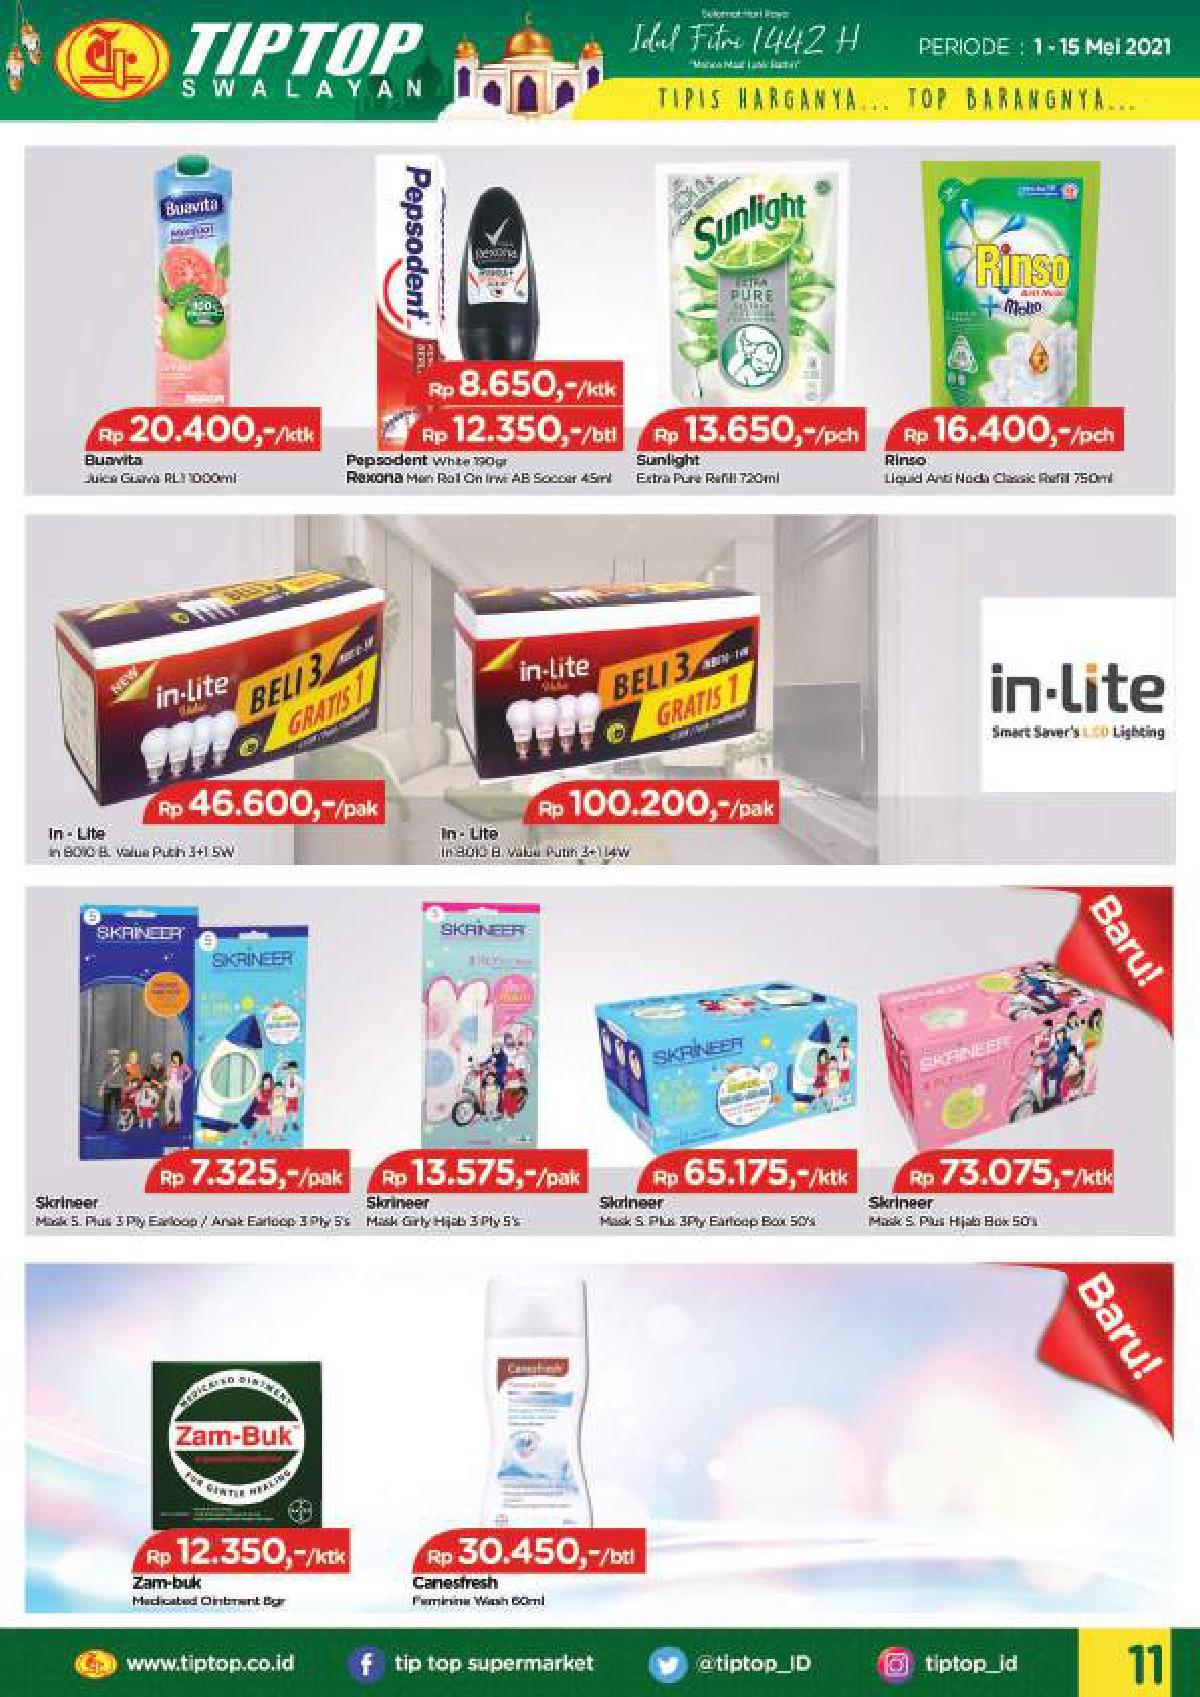 Katalog TIP TOP PASAR SWALAYAN Promo Mingguan Periode 01-15 Mei 2021